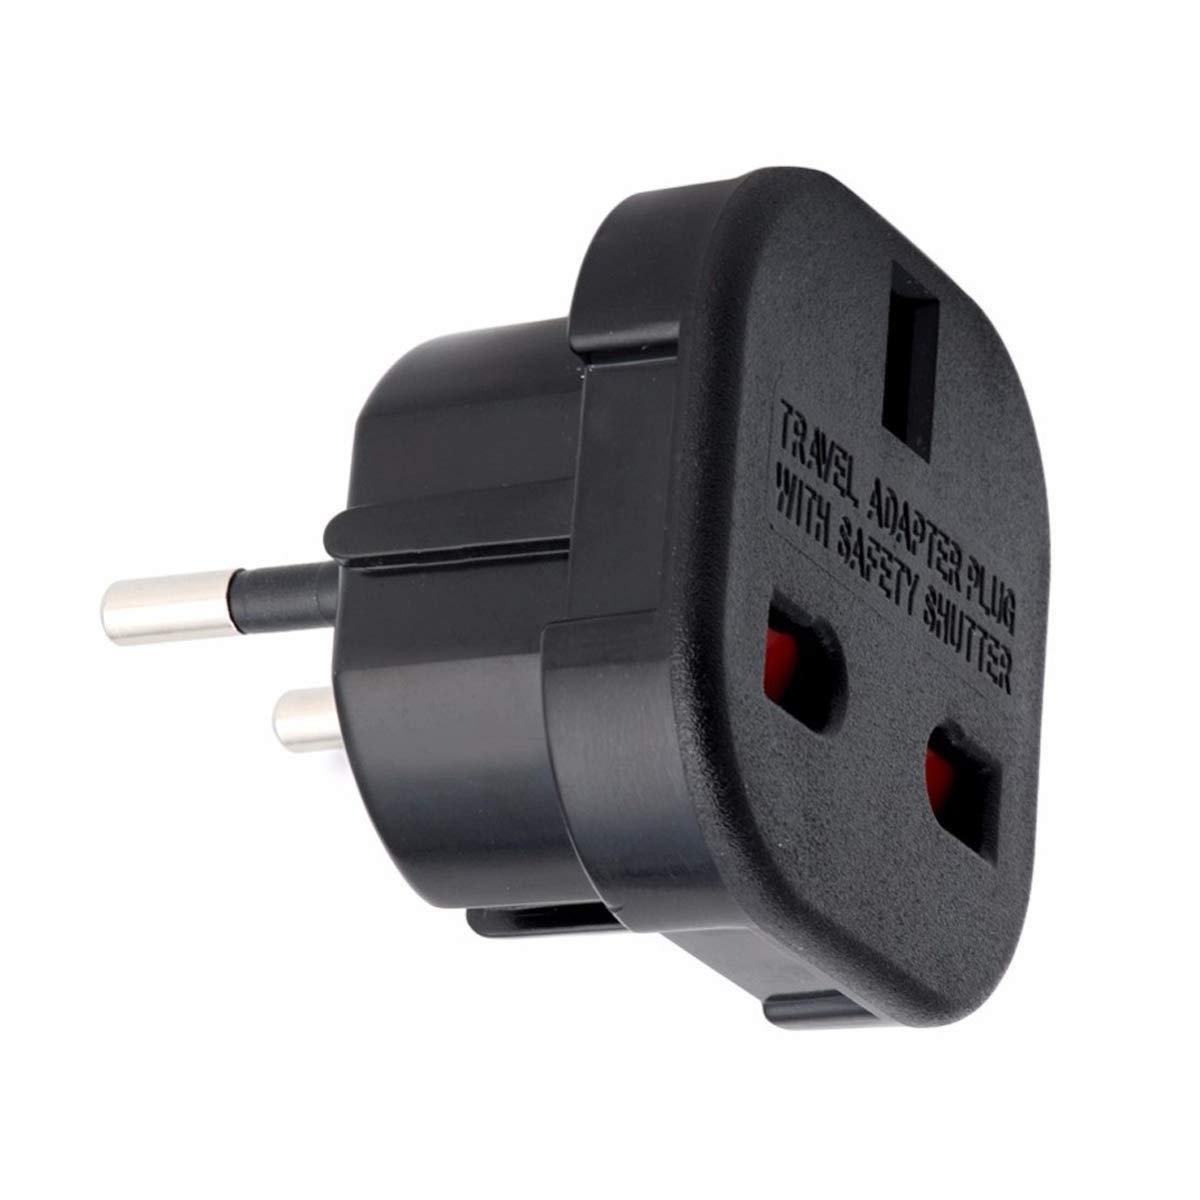 Reiseadapter UK auf EU Deutschland 2X schwarz Netz-Stecker Gro/ßbritannien England  Euro-Stecker Adapter Reisestecker GB englisch zu DE deutsch